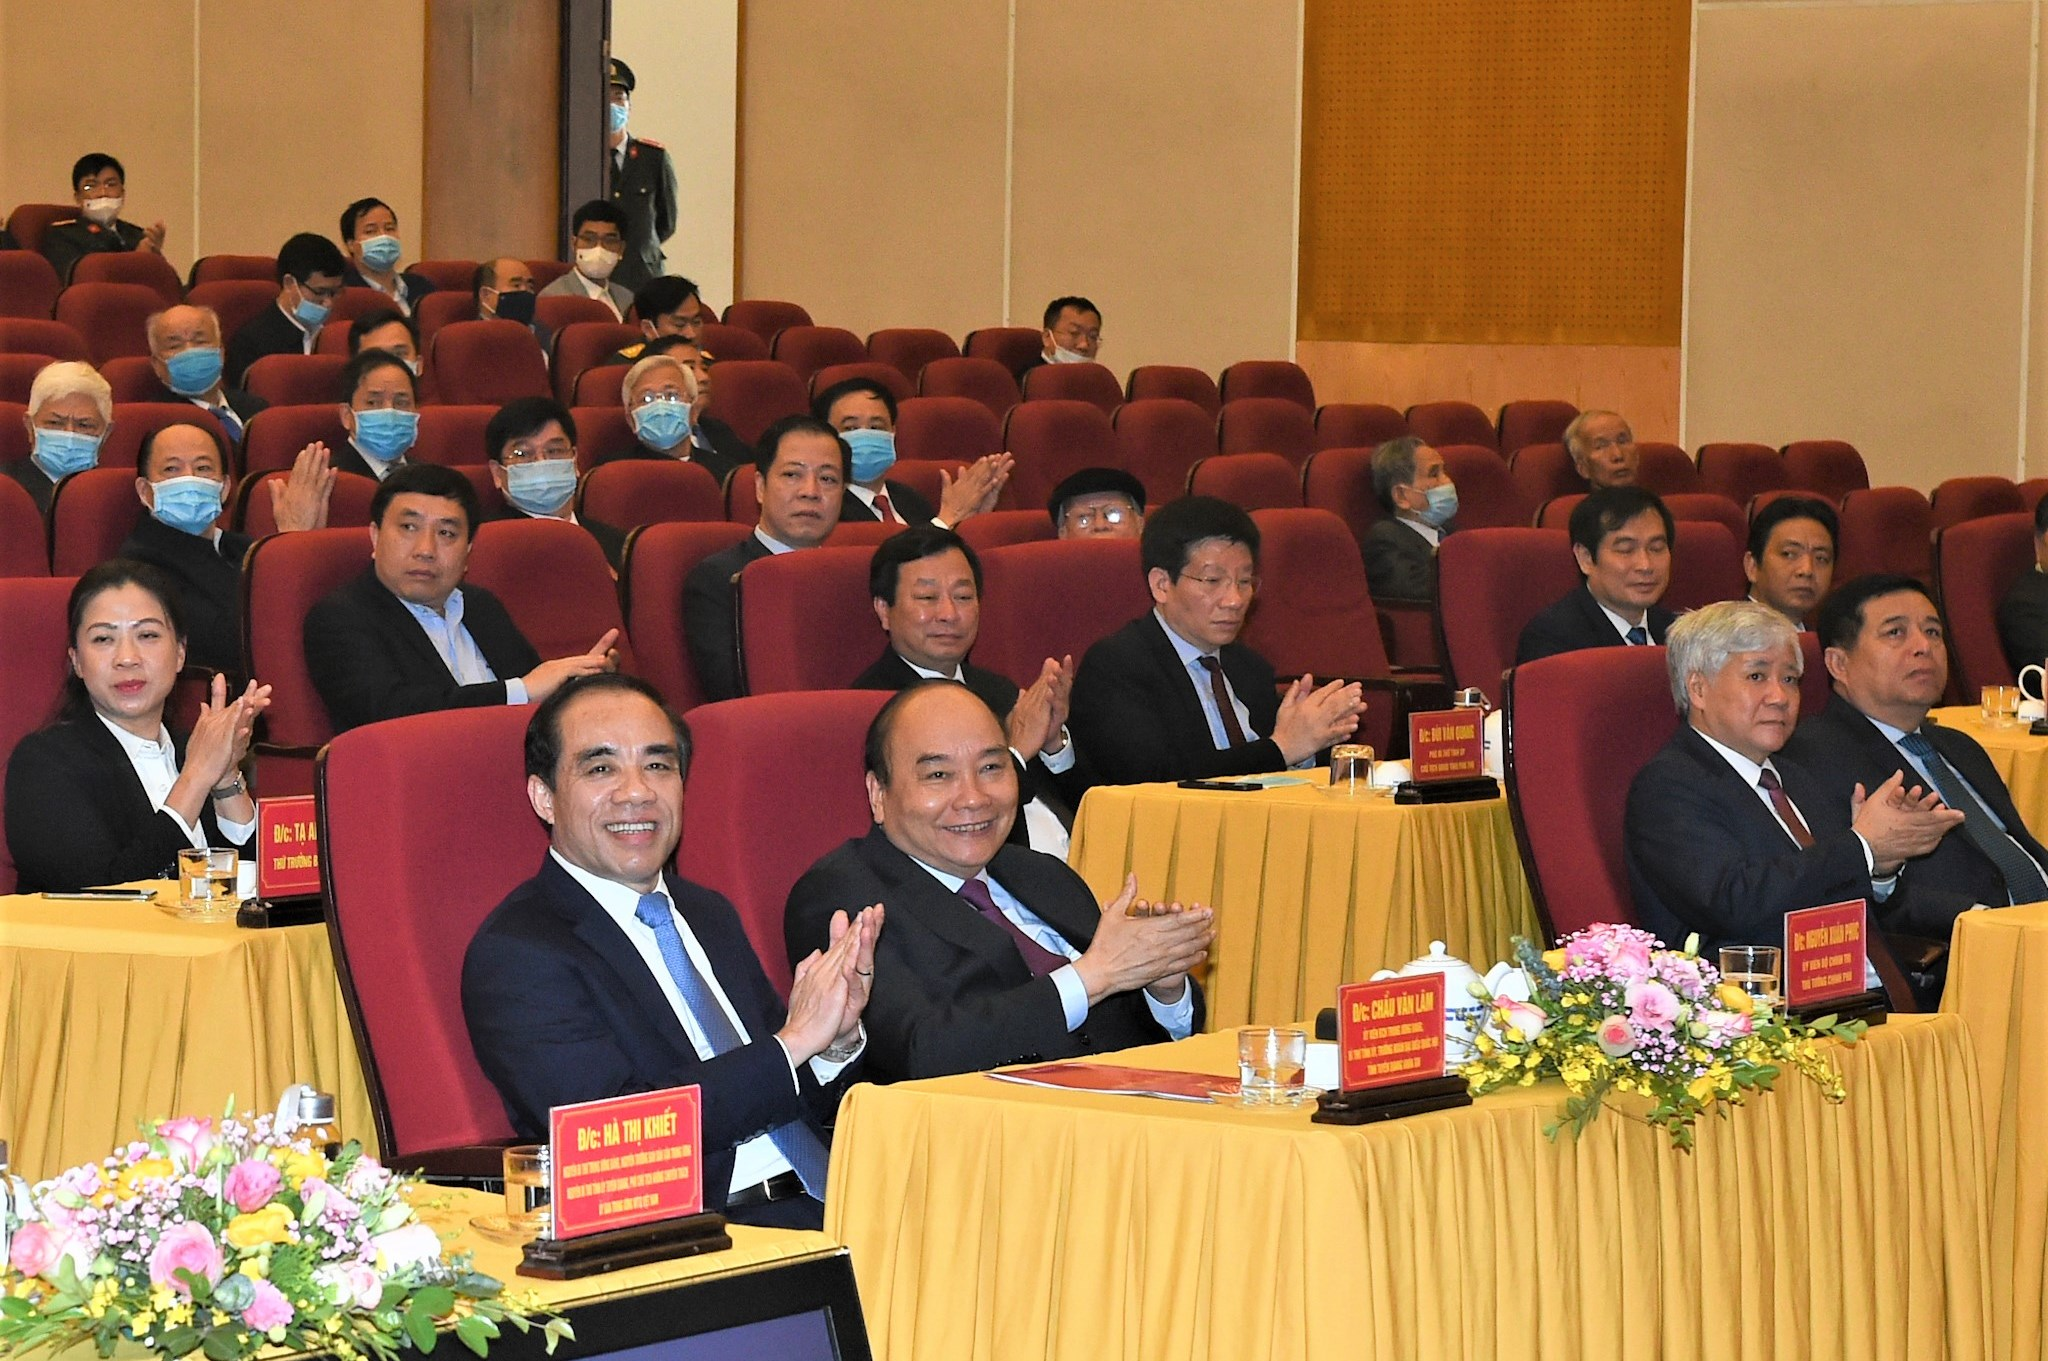 Các đại biểu dự lễ công bố Quyết định công nhận thành phố Tuyên Quang là đô thị loại II trực thuộc tỉnh Tuyên Quang. Ảnh VGP/Quang Hiếu